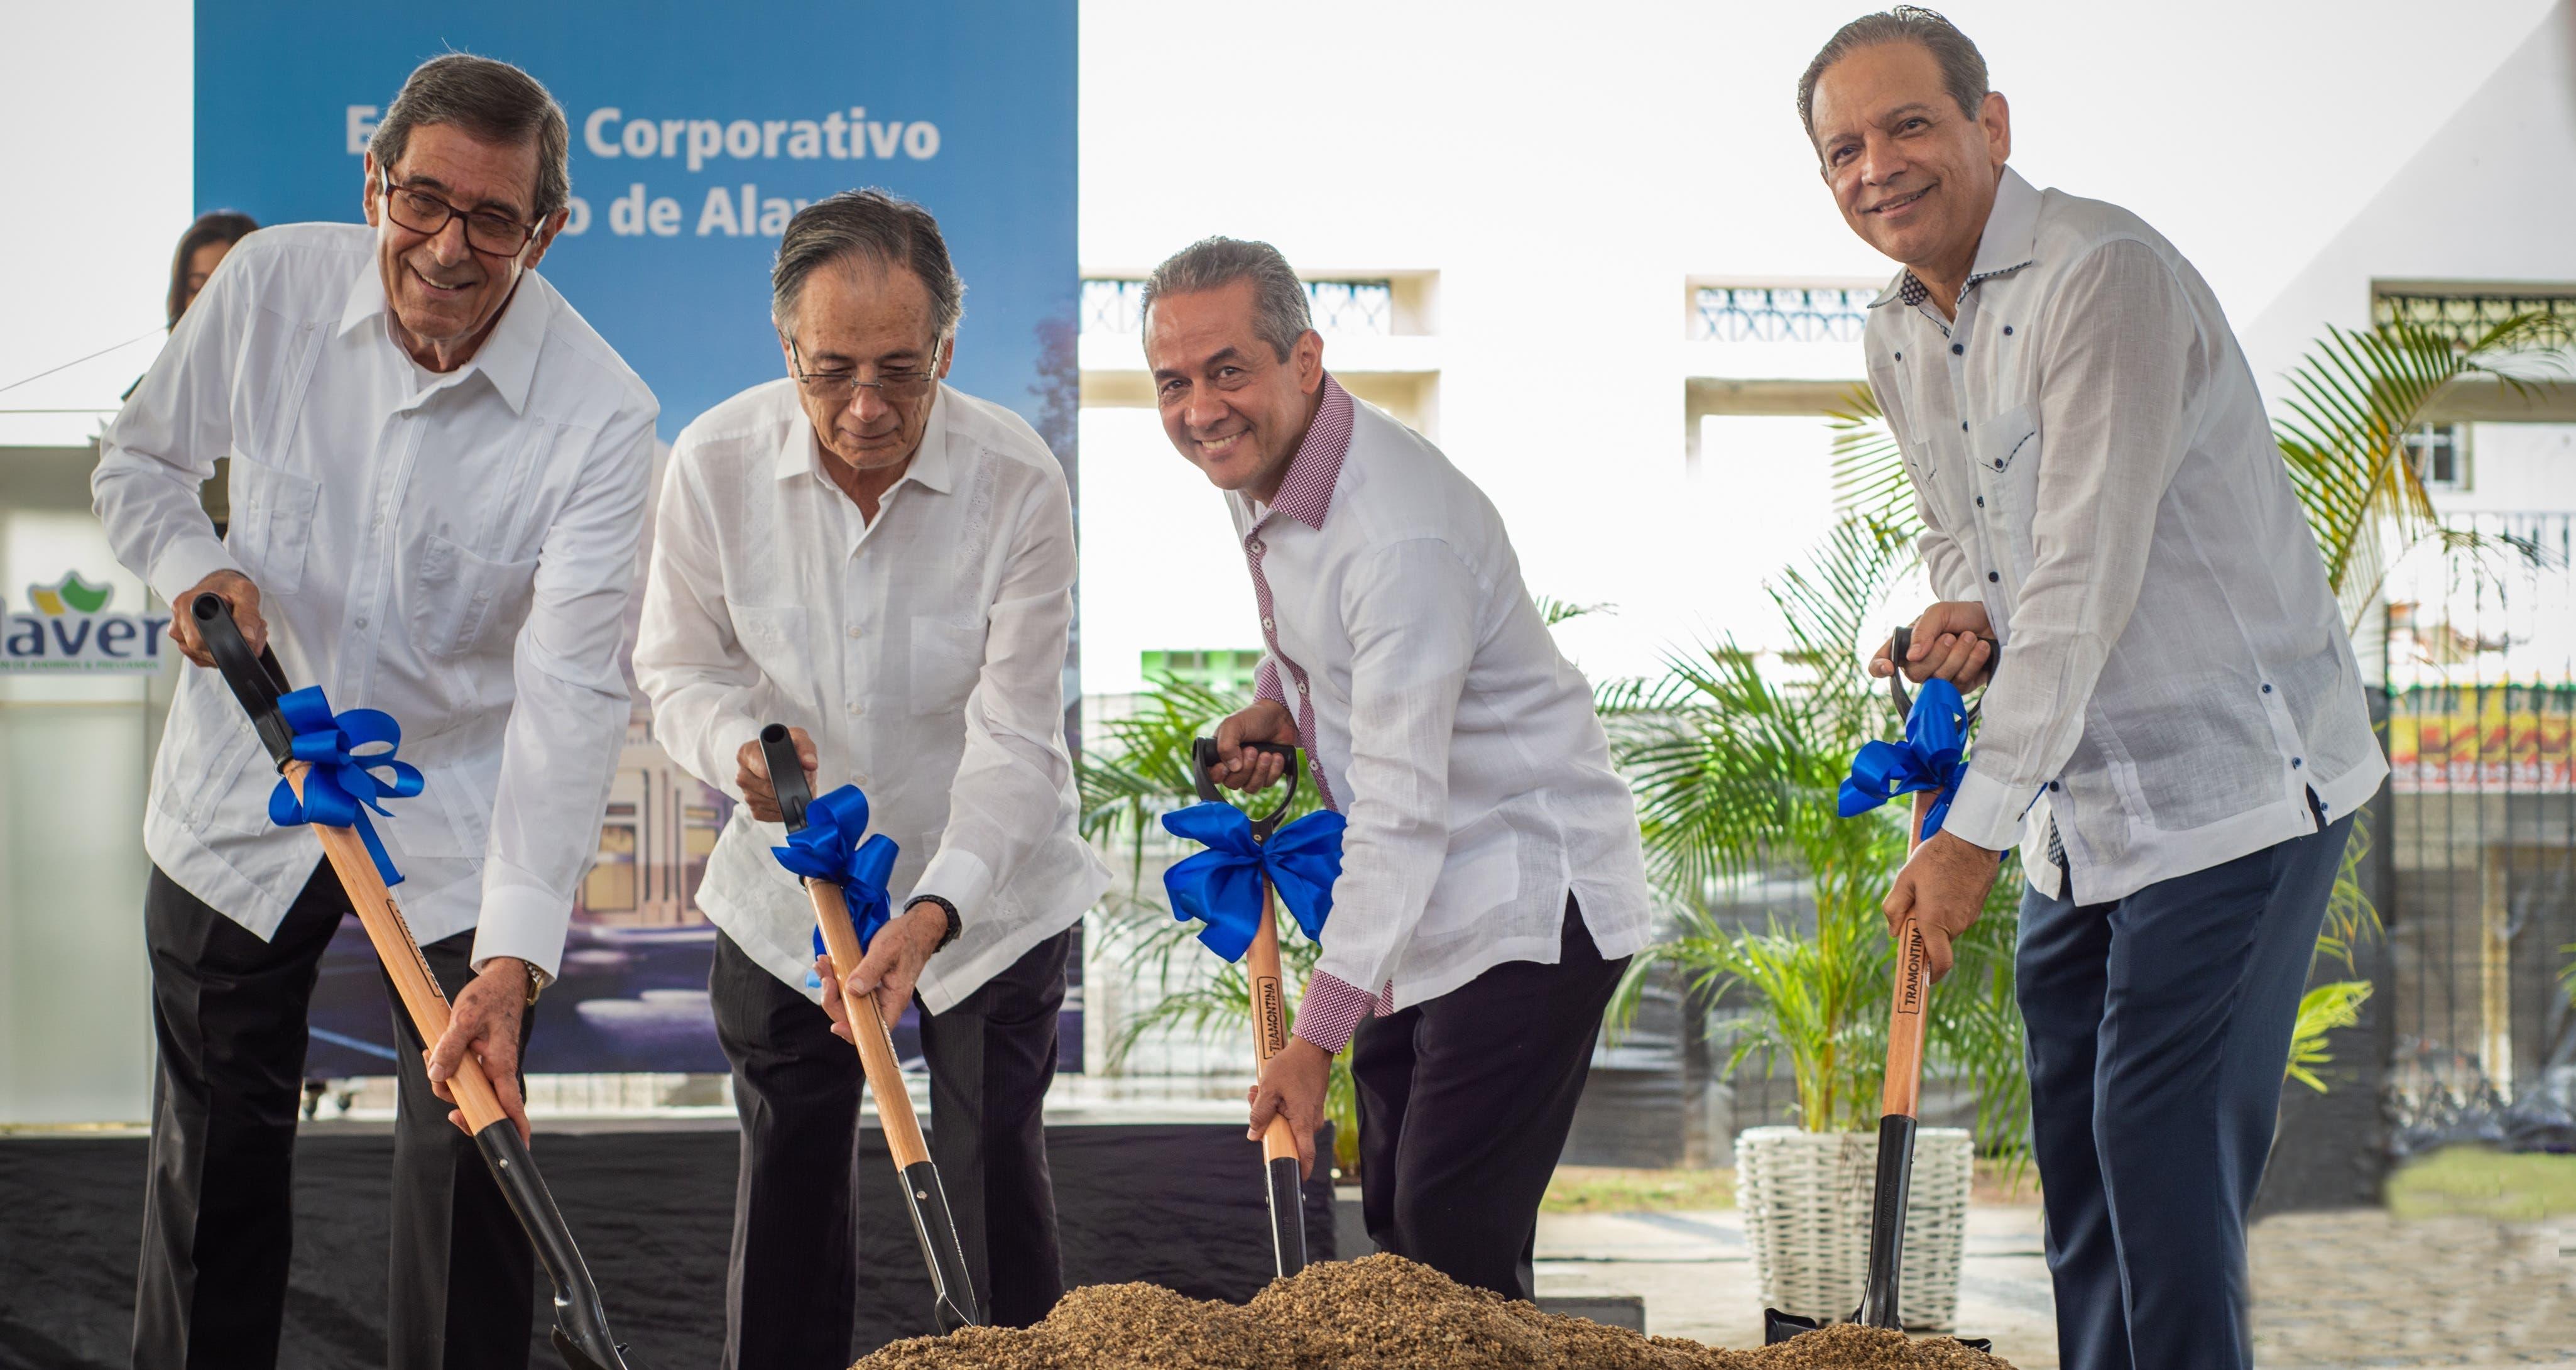 Alaver inicia la construcción de moderno edificio corporativo